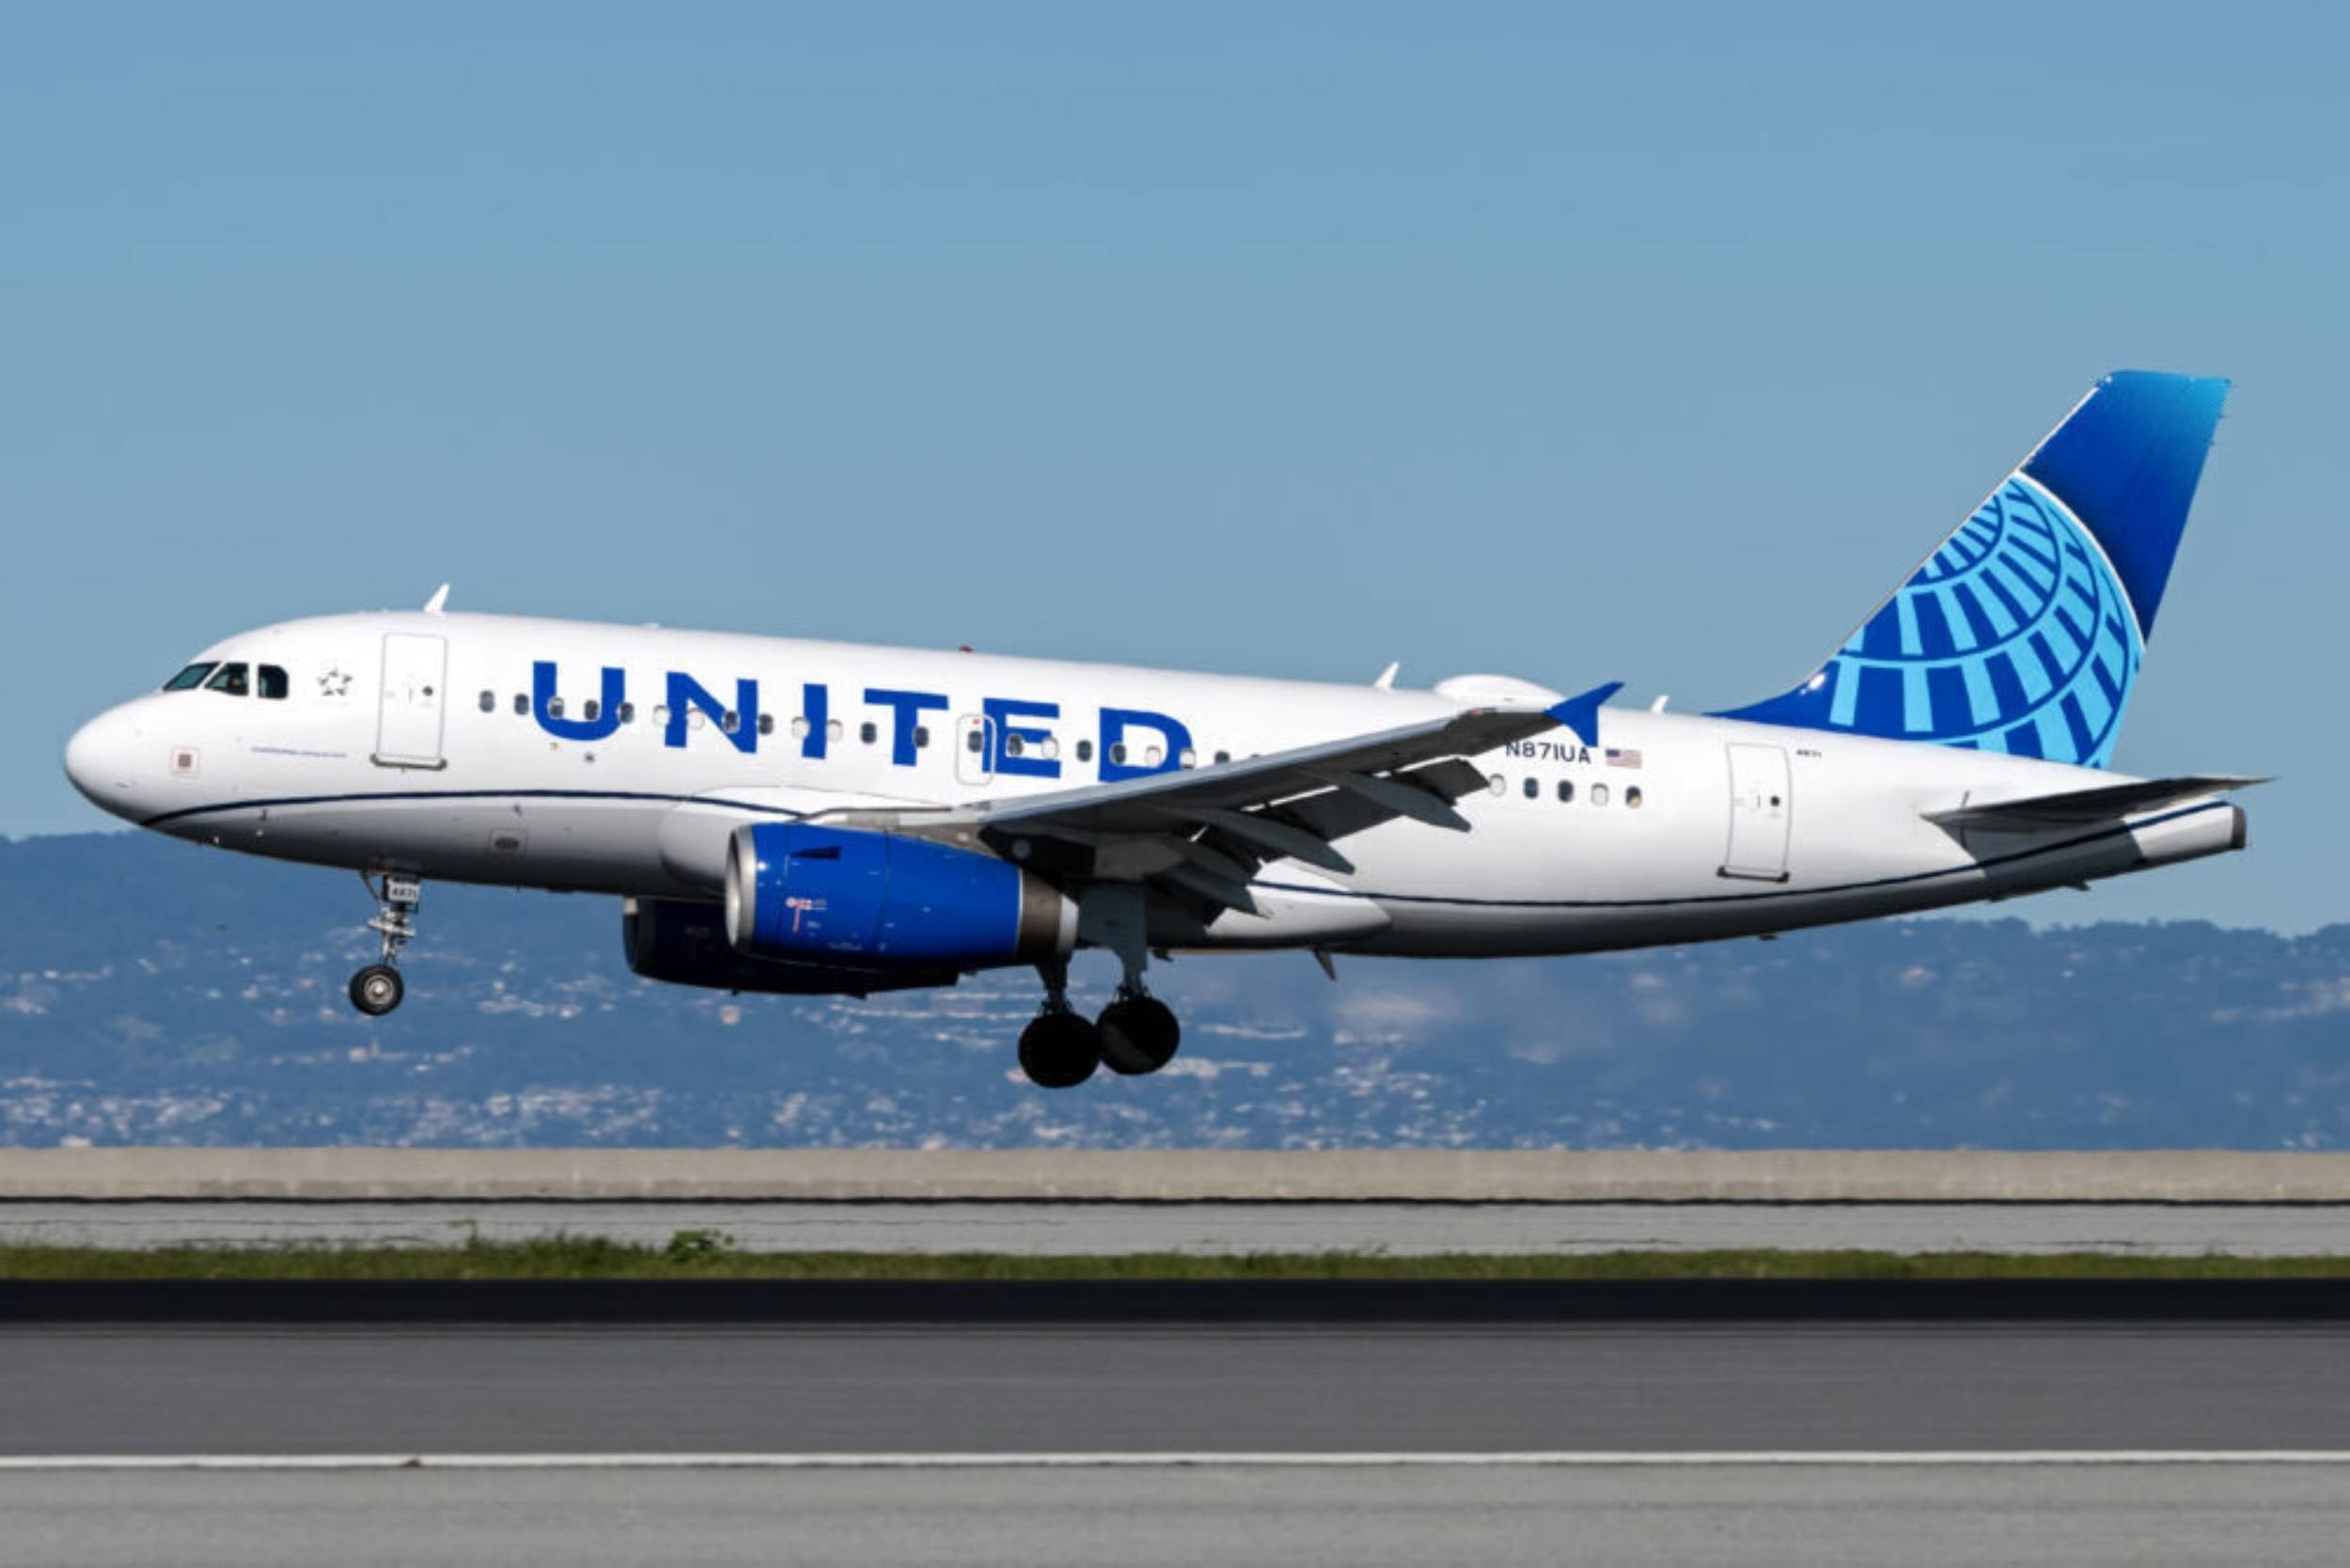 Vietjet anh 1  - united_air_1 - Hàng không nhiều nước bắt đầu sôi động